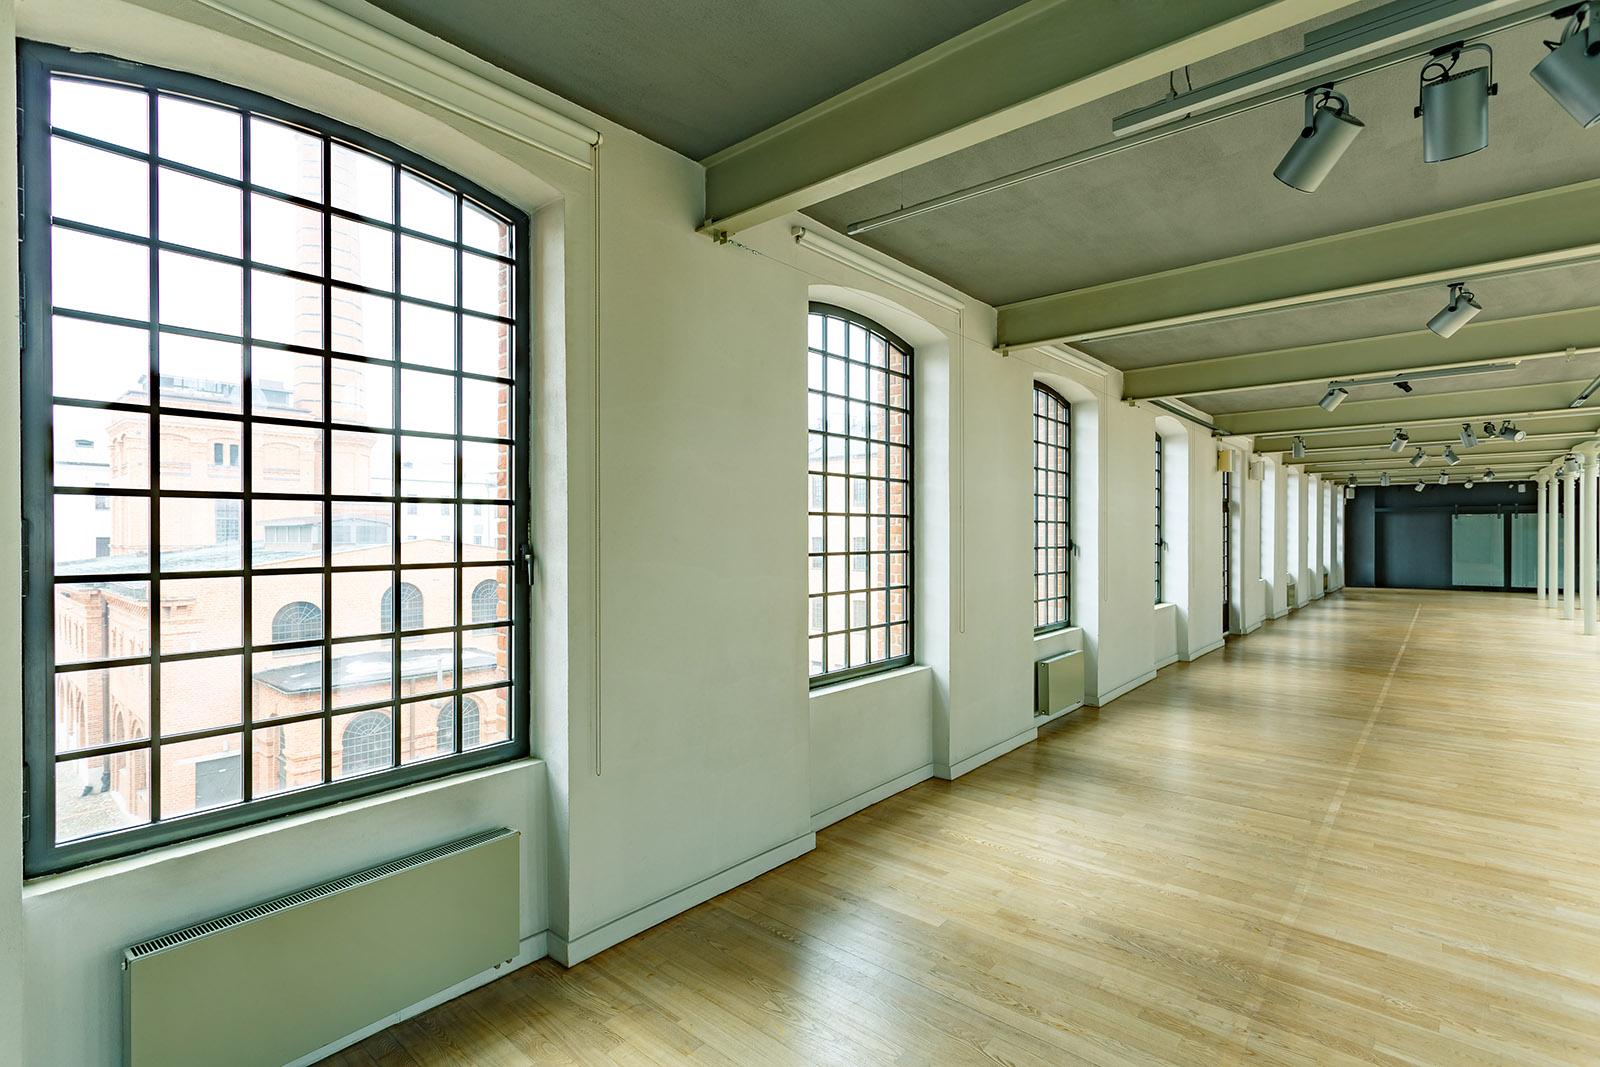 Realizzazioni Imbianchino, Bergamo, Galleria, manutenzioni industriali